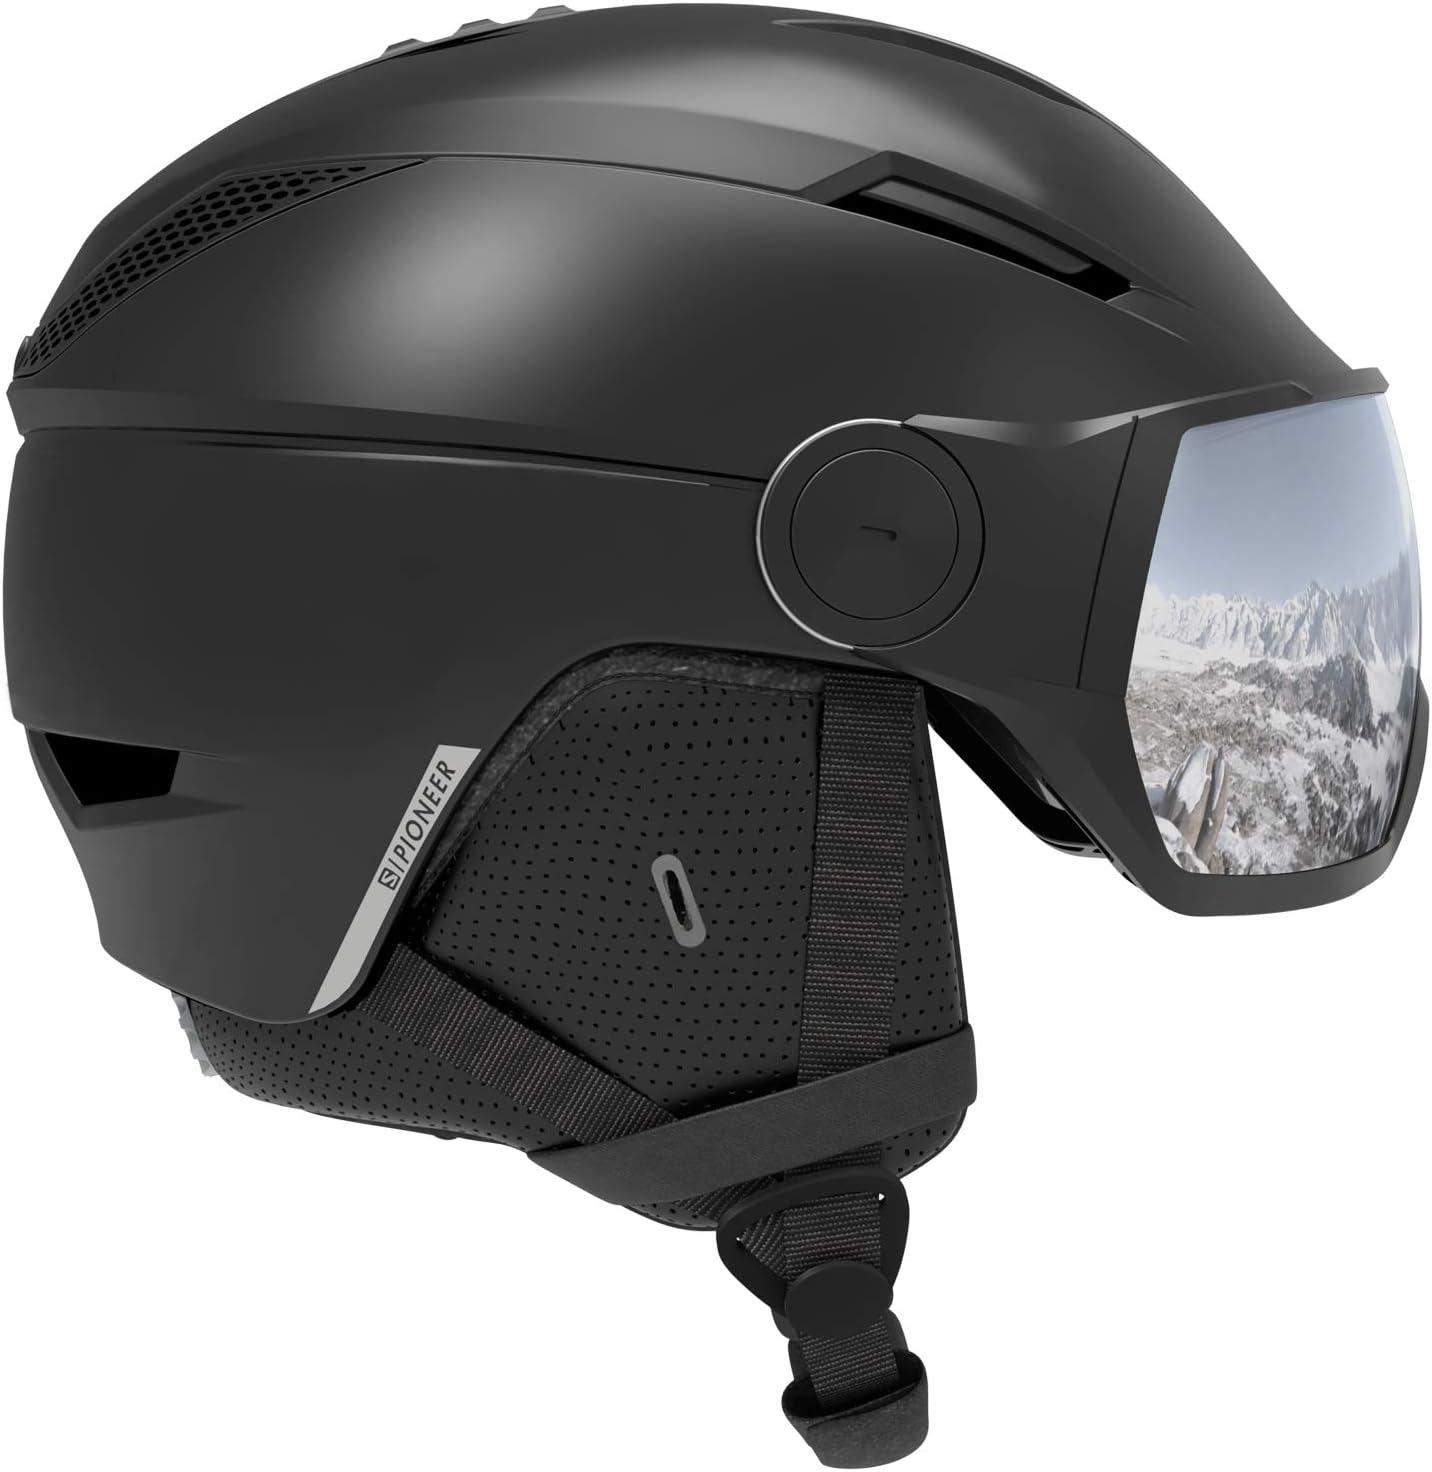 SALOMON(サロモン) スキーヘルメット スノーボードヘルメット PIONEER VISOR (パイオニア バイザー) 2019-20年モデル サイズM~L 黒 Medium